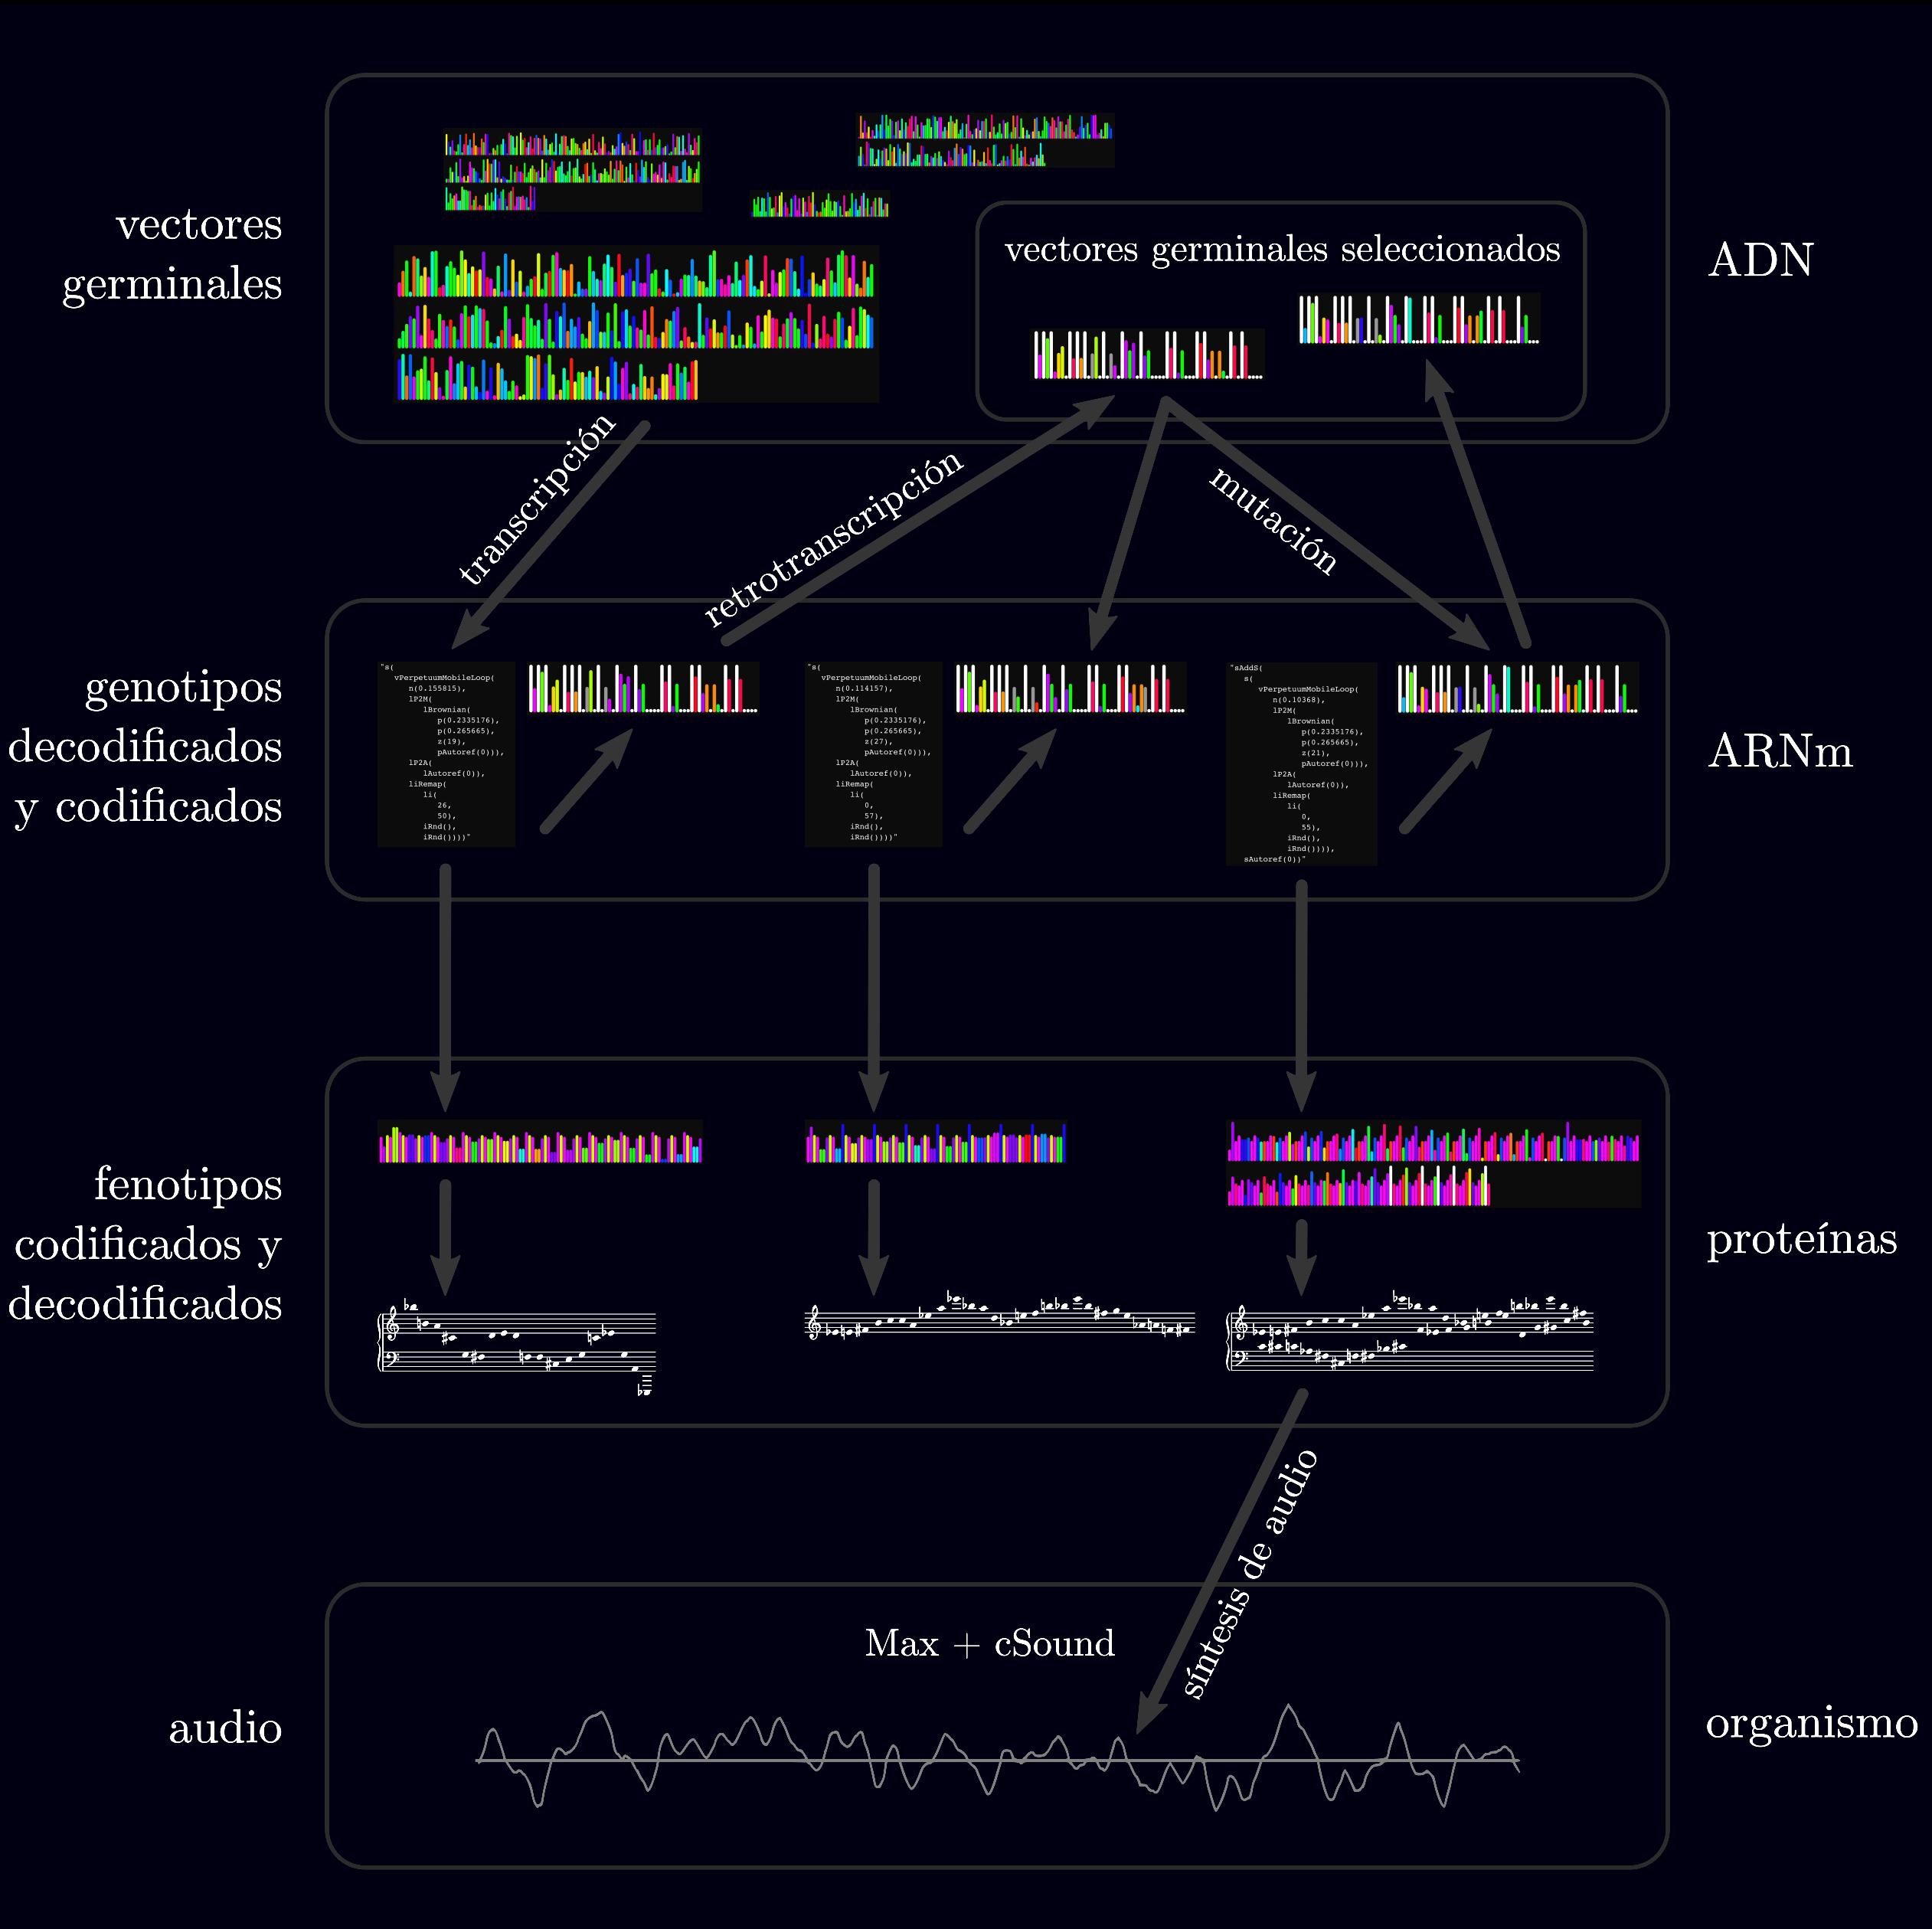 Figura con la estructura de datos de GenoMus